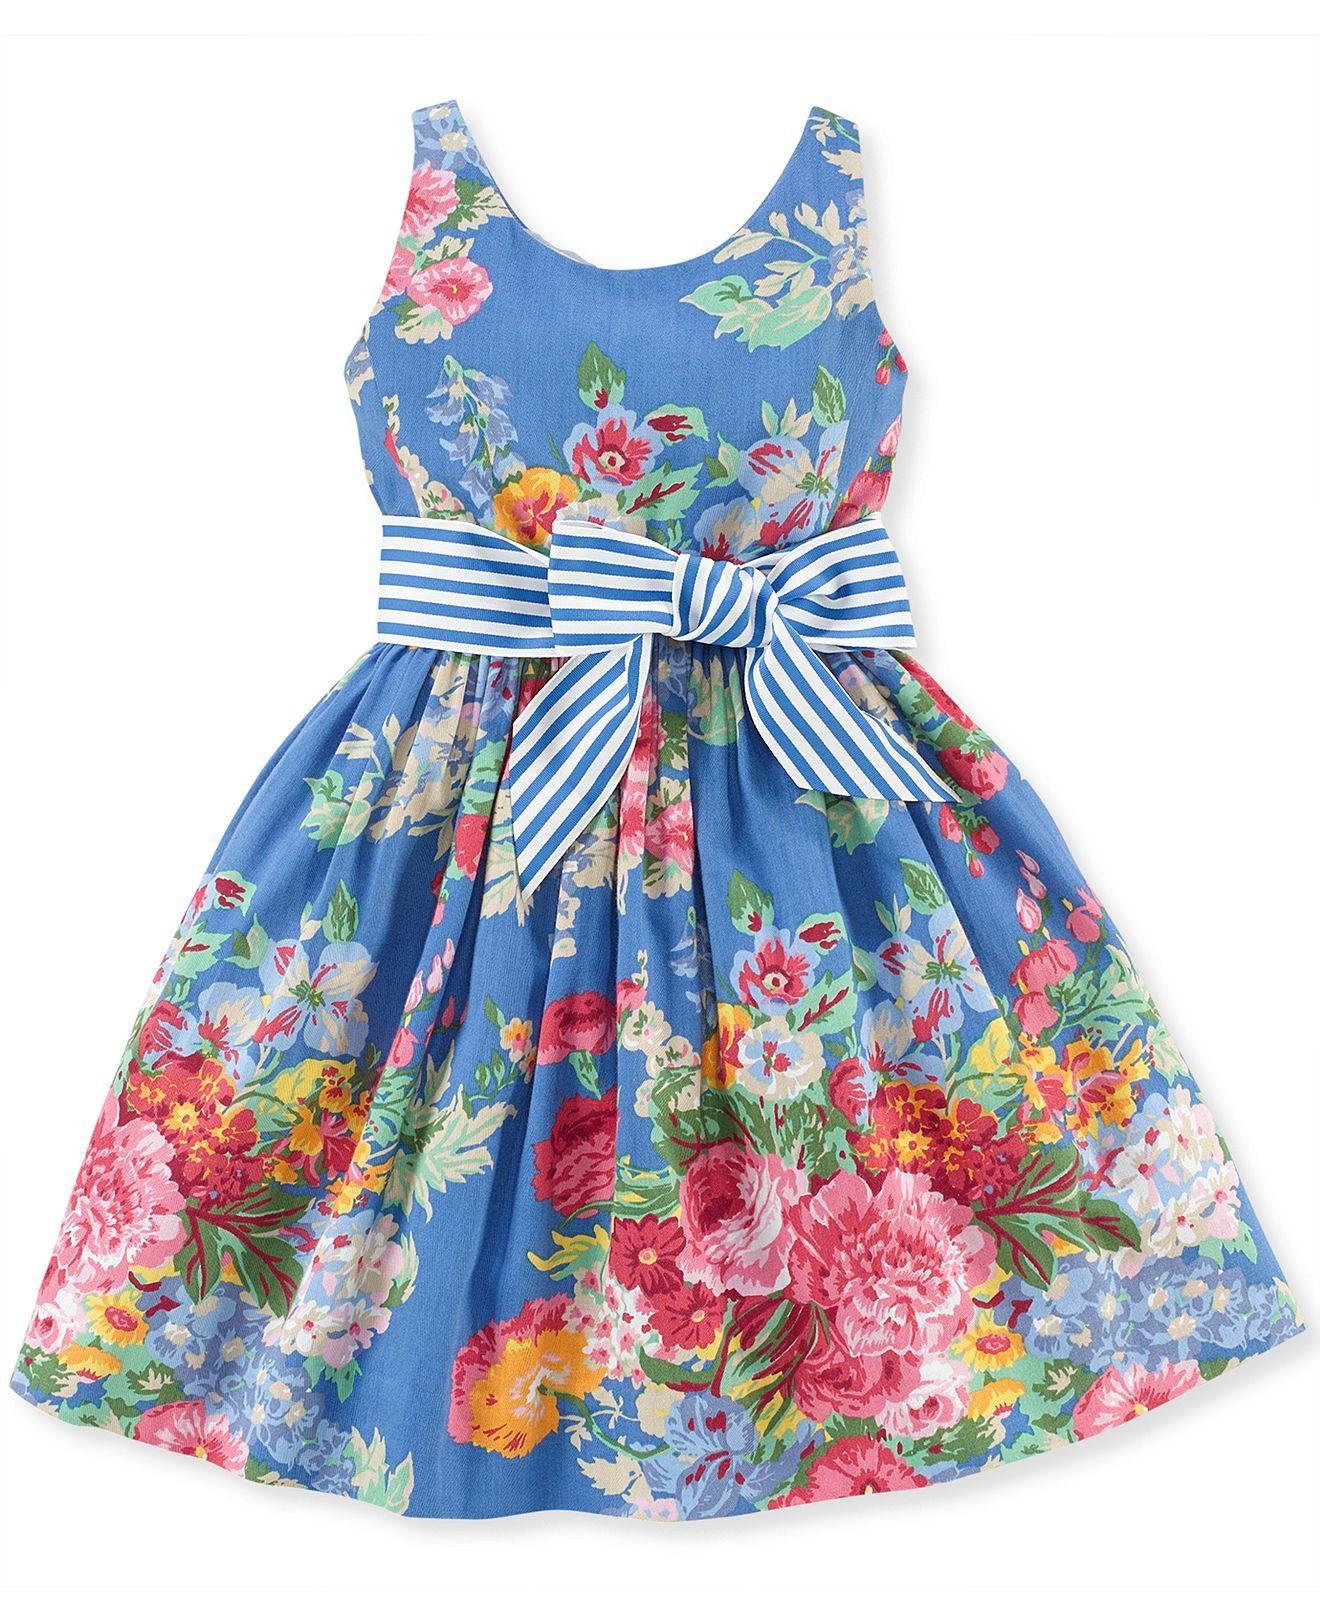 Polo Ralph Lauren Little Girls  Sateen Dress - Kids Girls Dresses - Macy s ba7cbd56d3c2